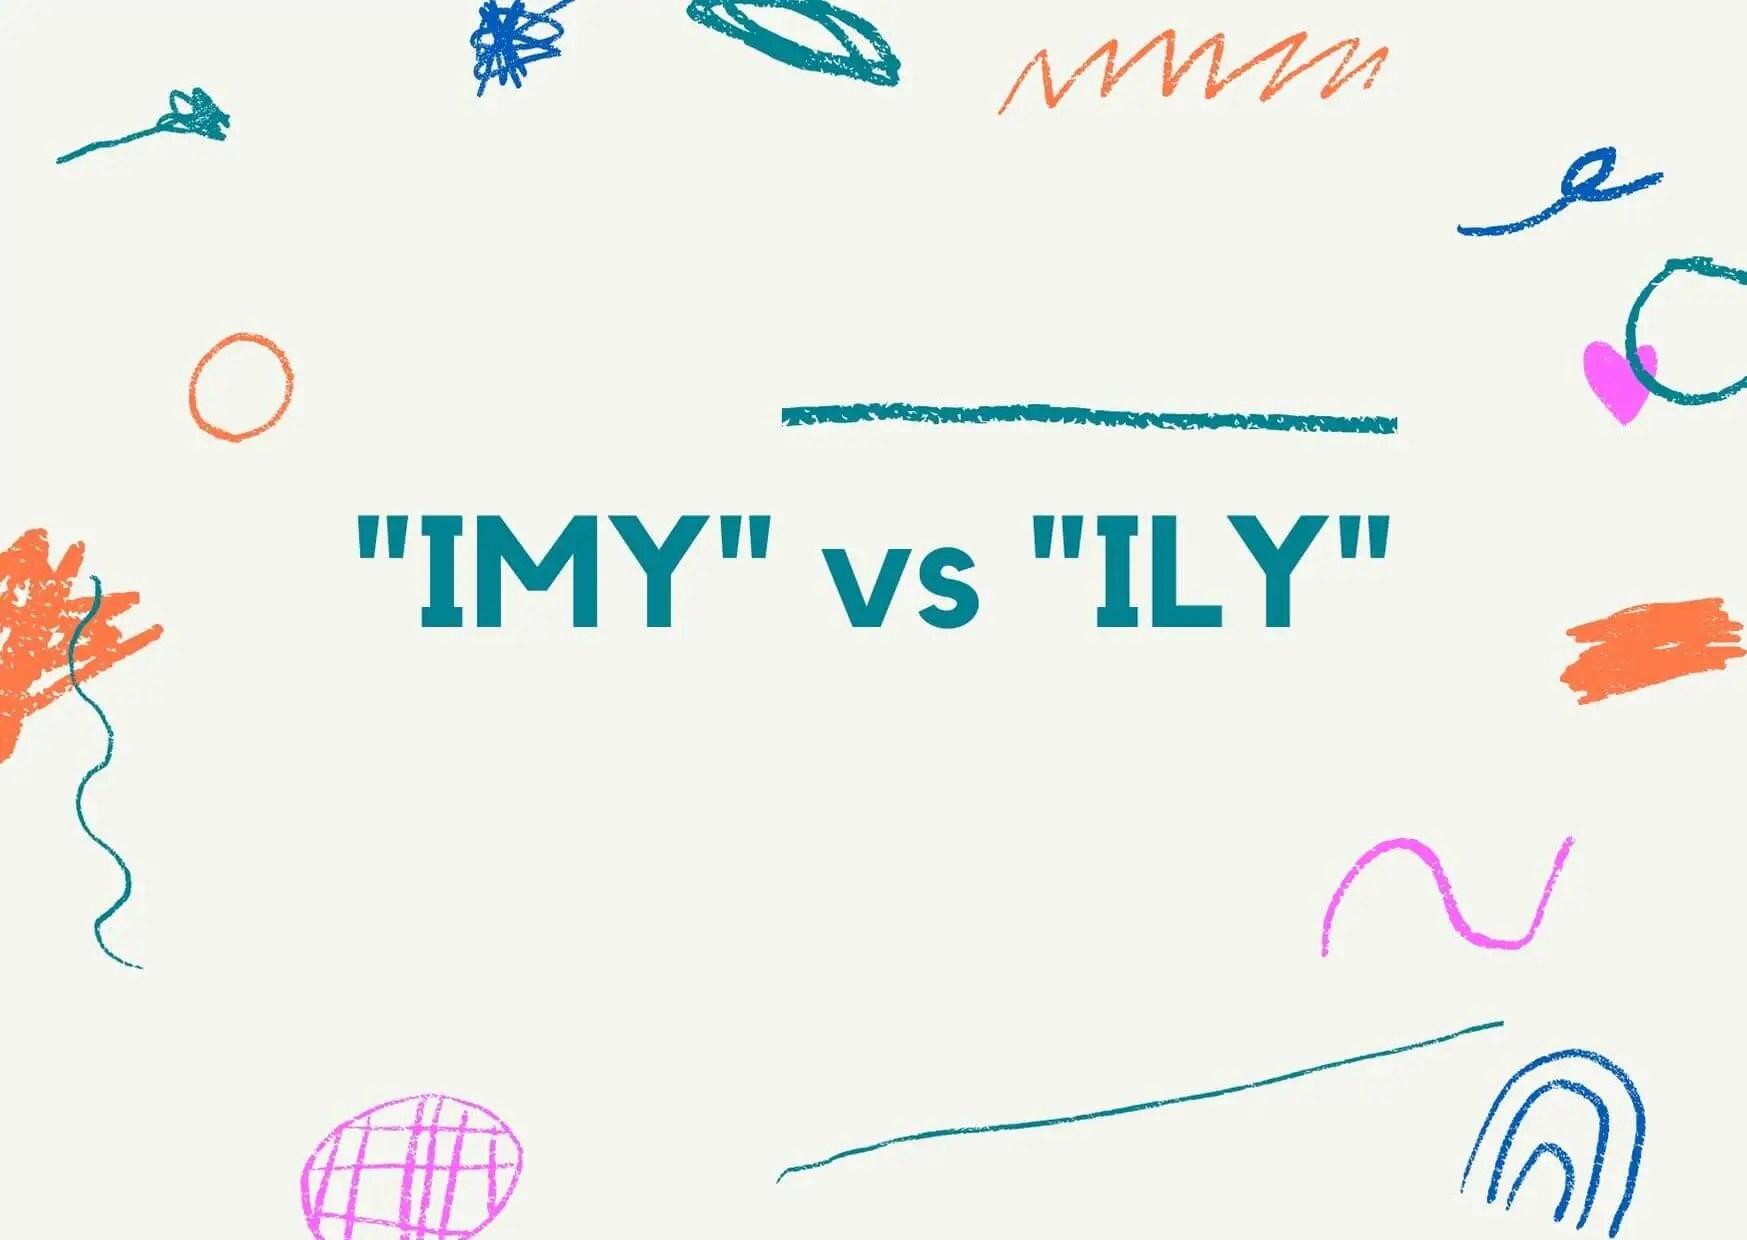 imy vs ily